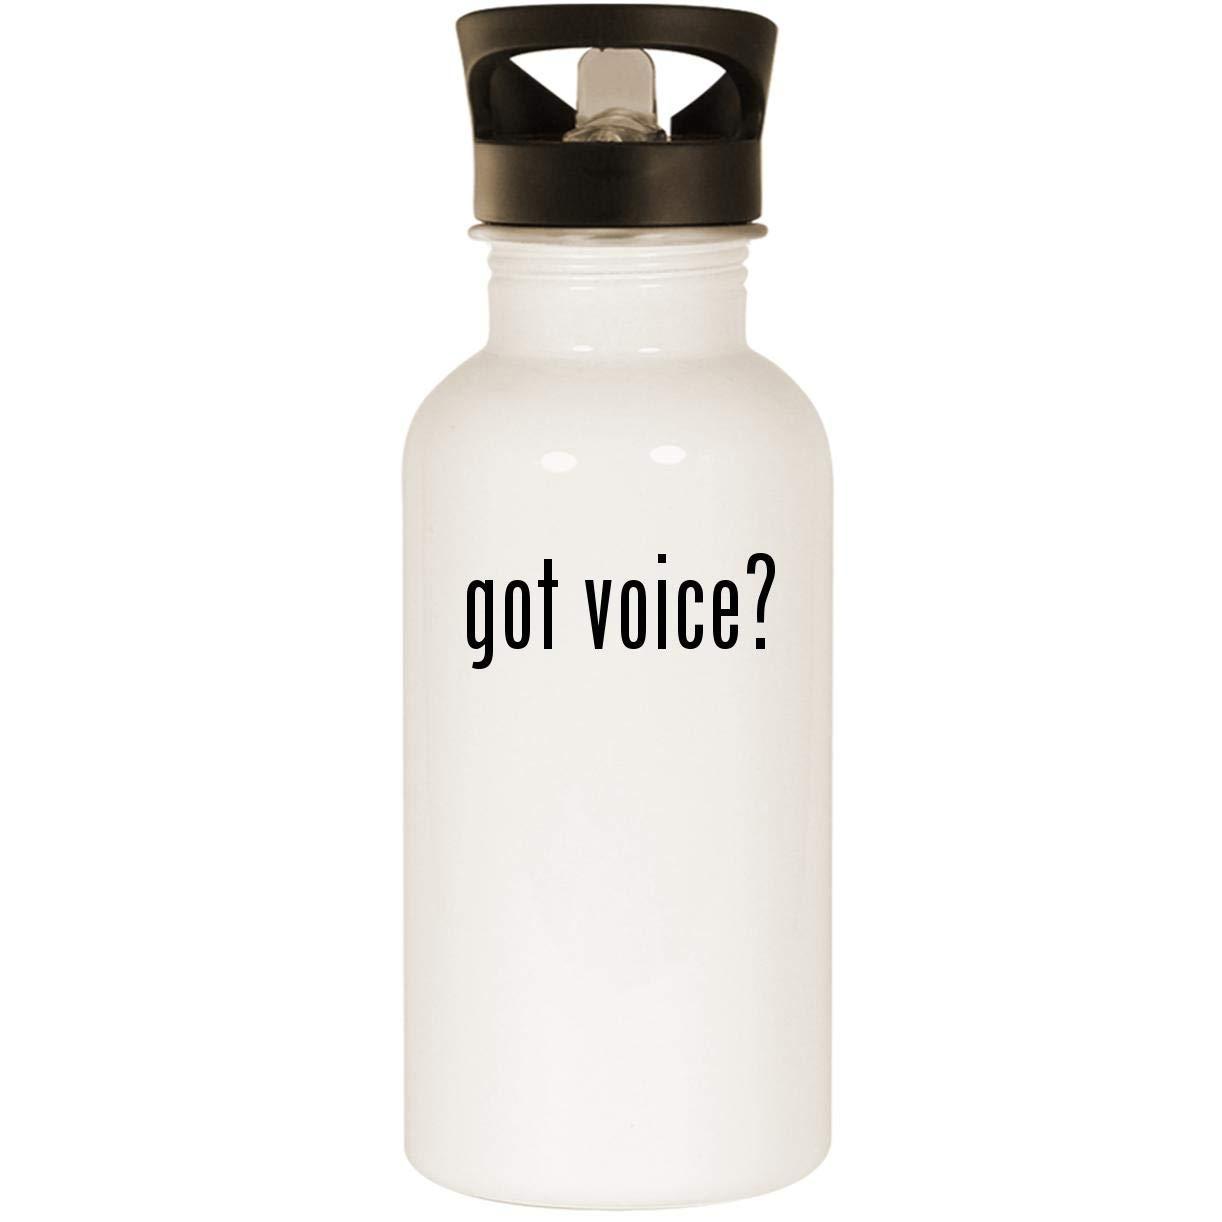 got voice - ステンレススチール製20オンスのロード対応ウォーターボトル。 ホワイト US-C-07-18-01-062130-04-26-19-26 B07GN8X1FN ホワイト